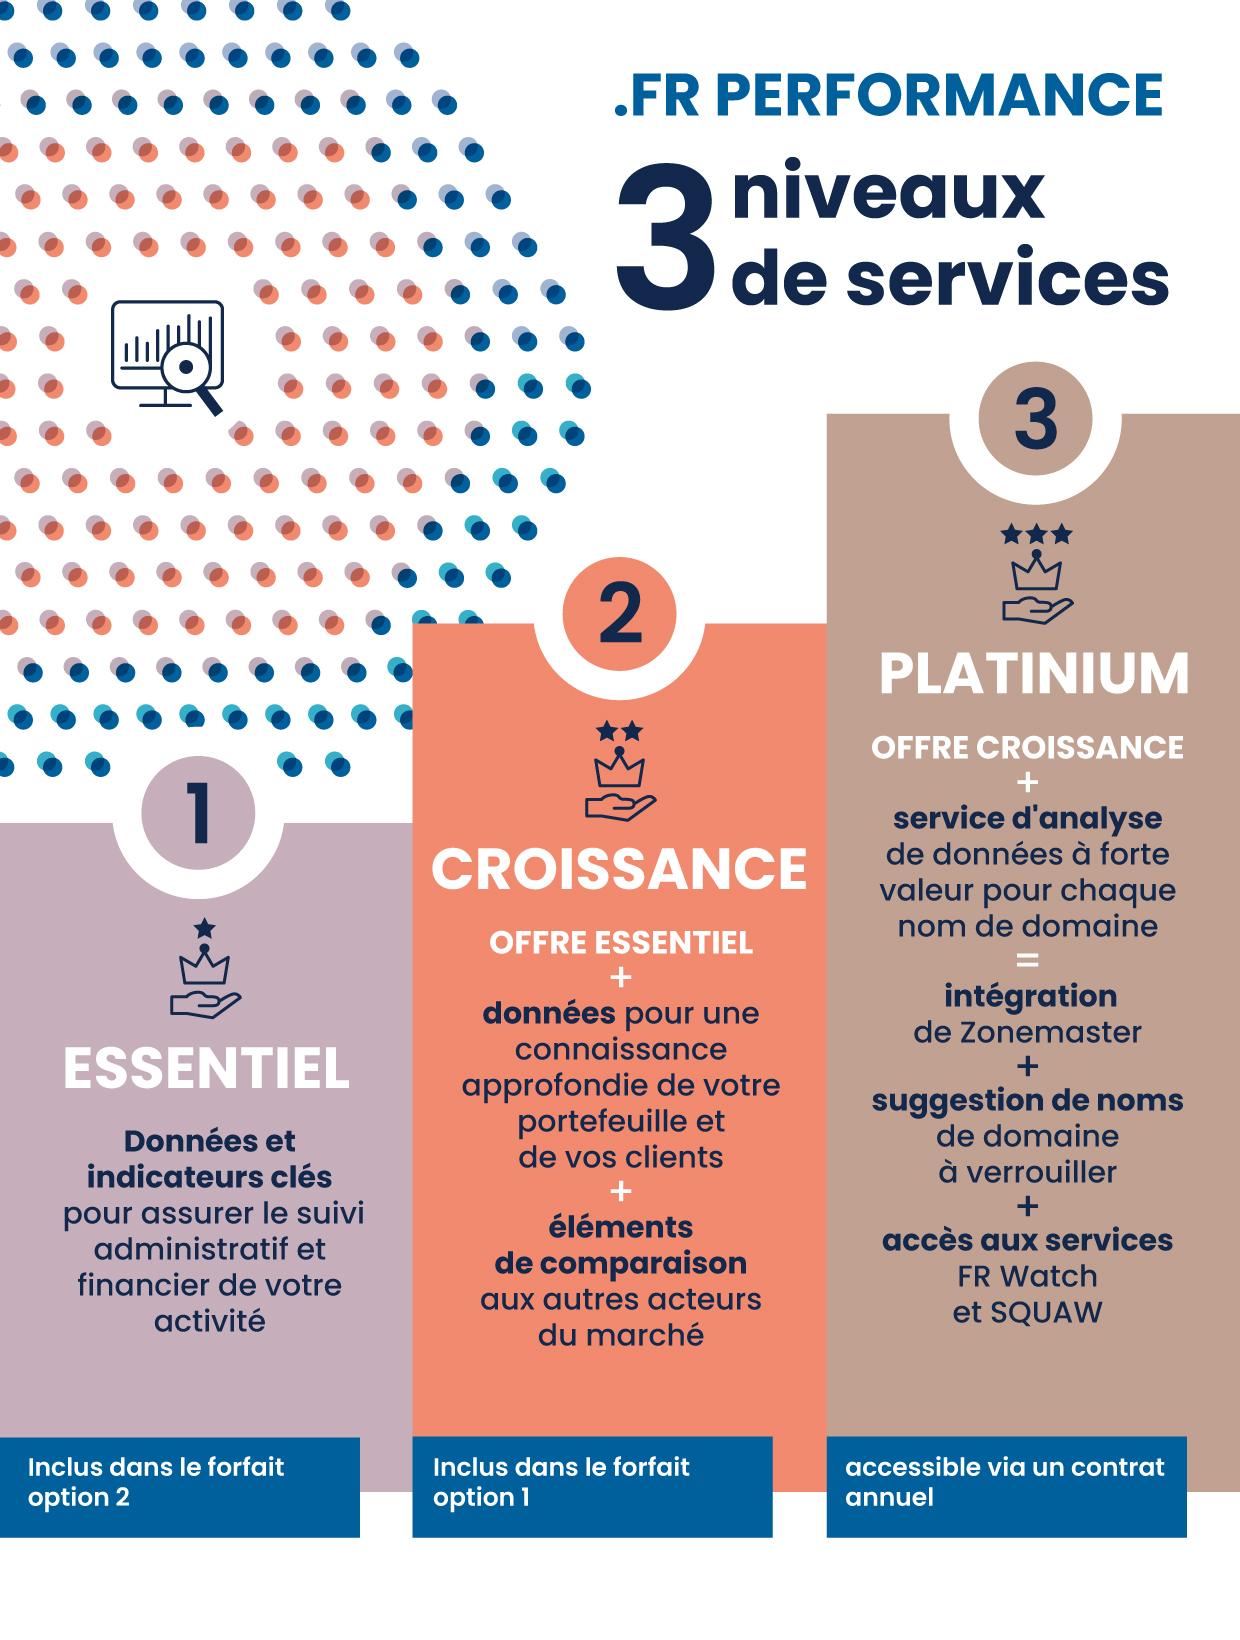 .FR Performance : 3 niveaux de services